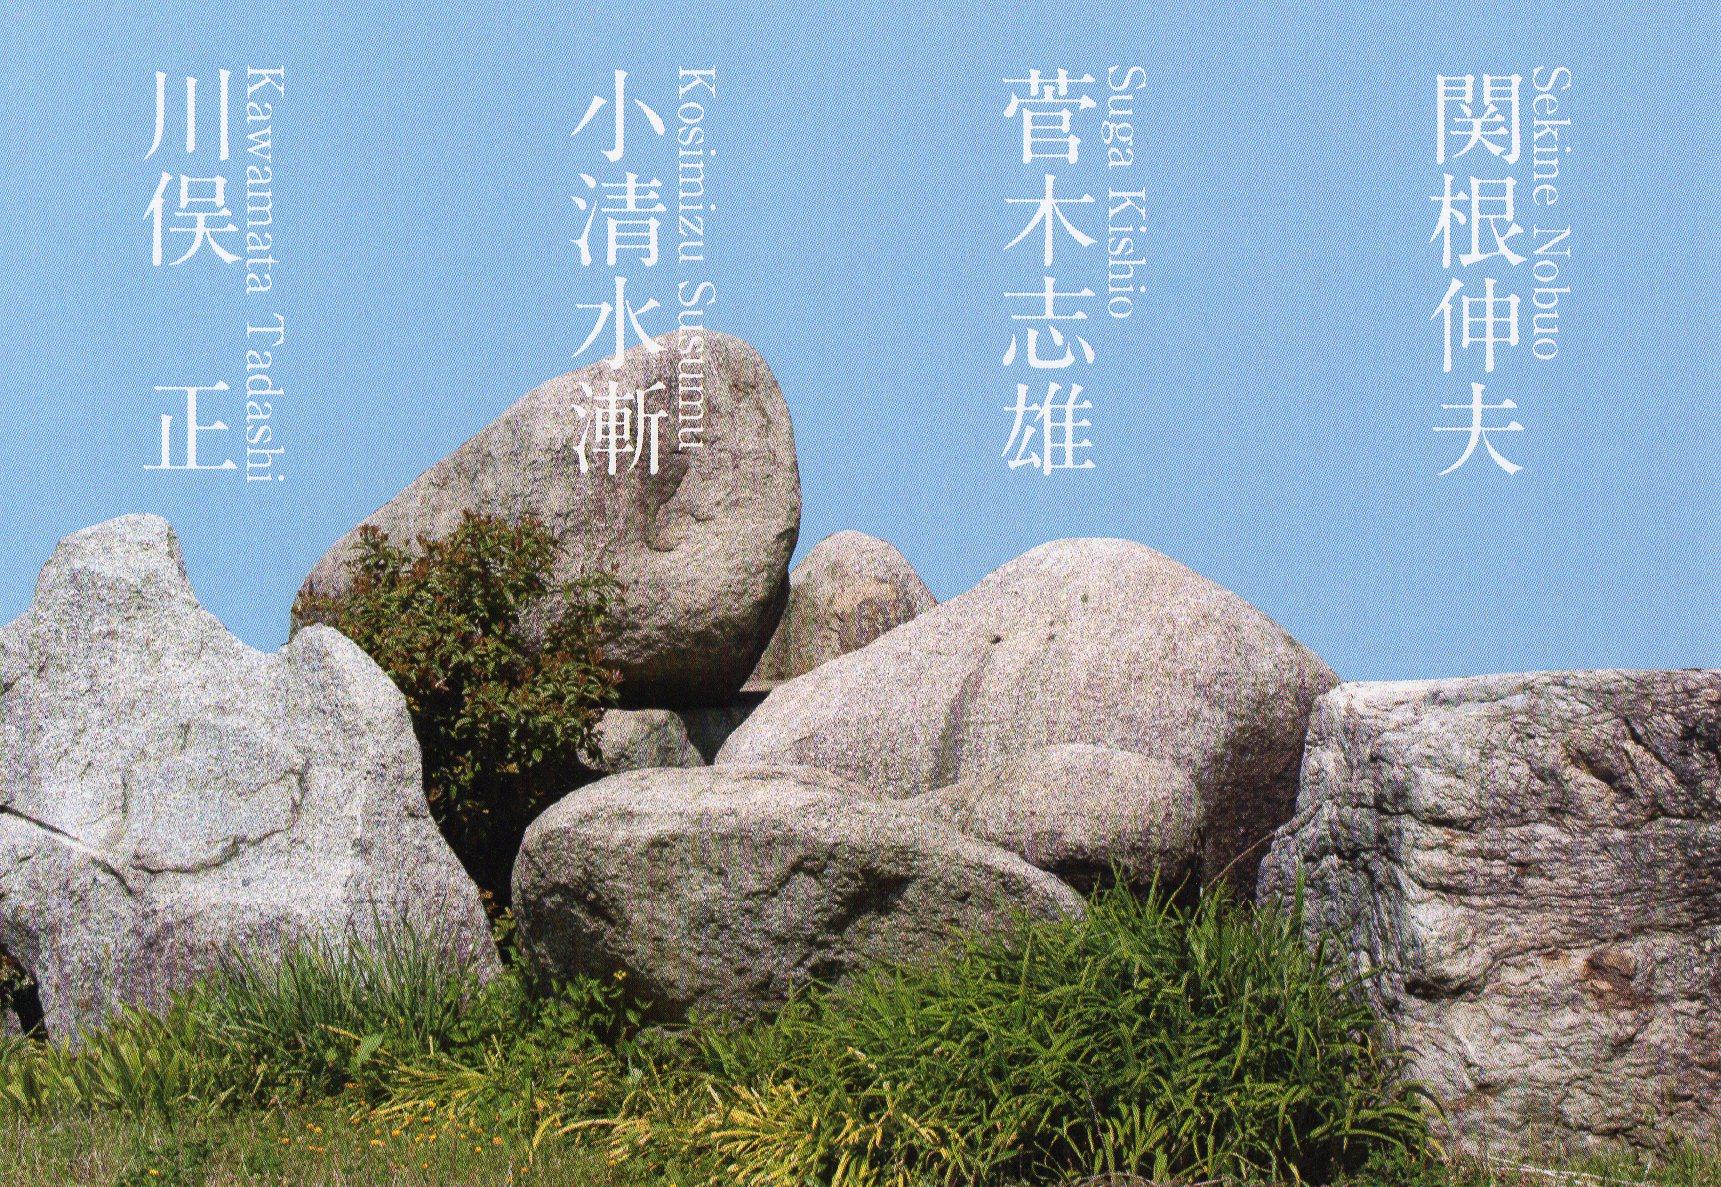 日本の現代美術「もの派」の作家たち展